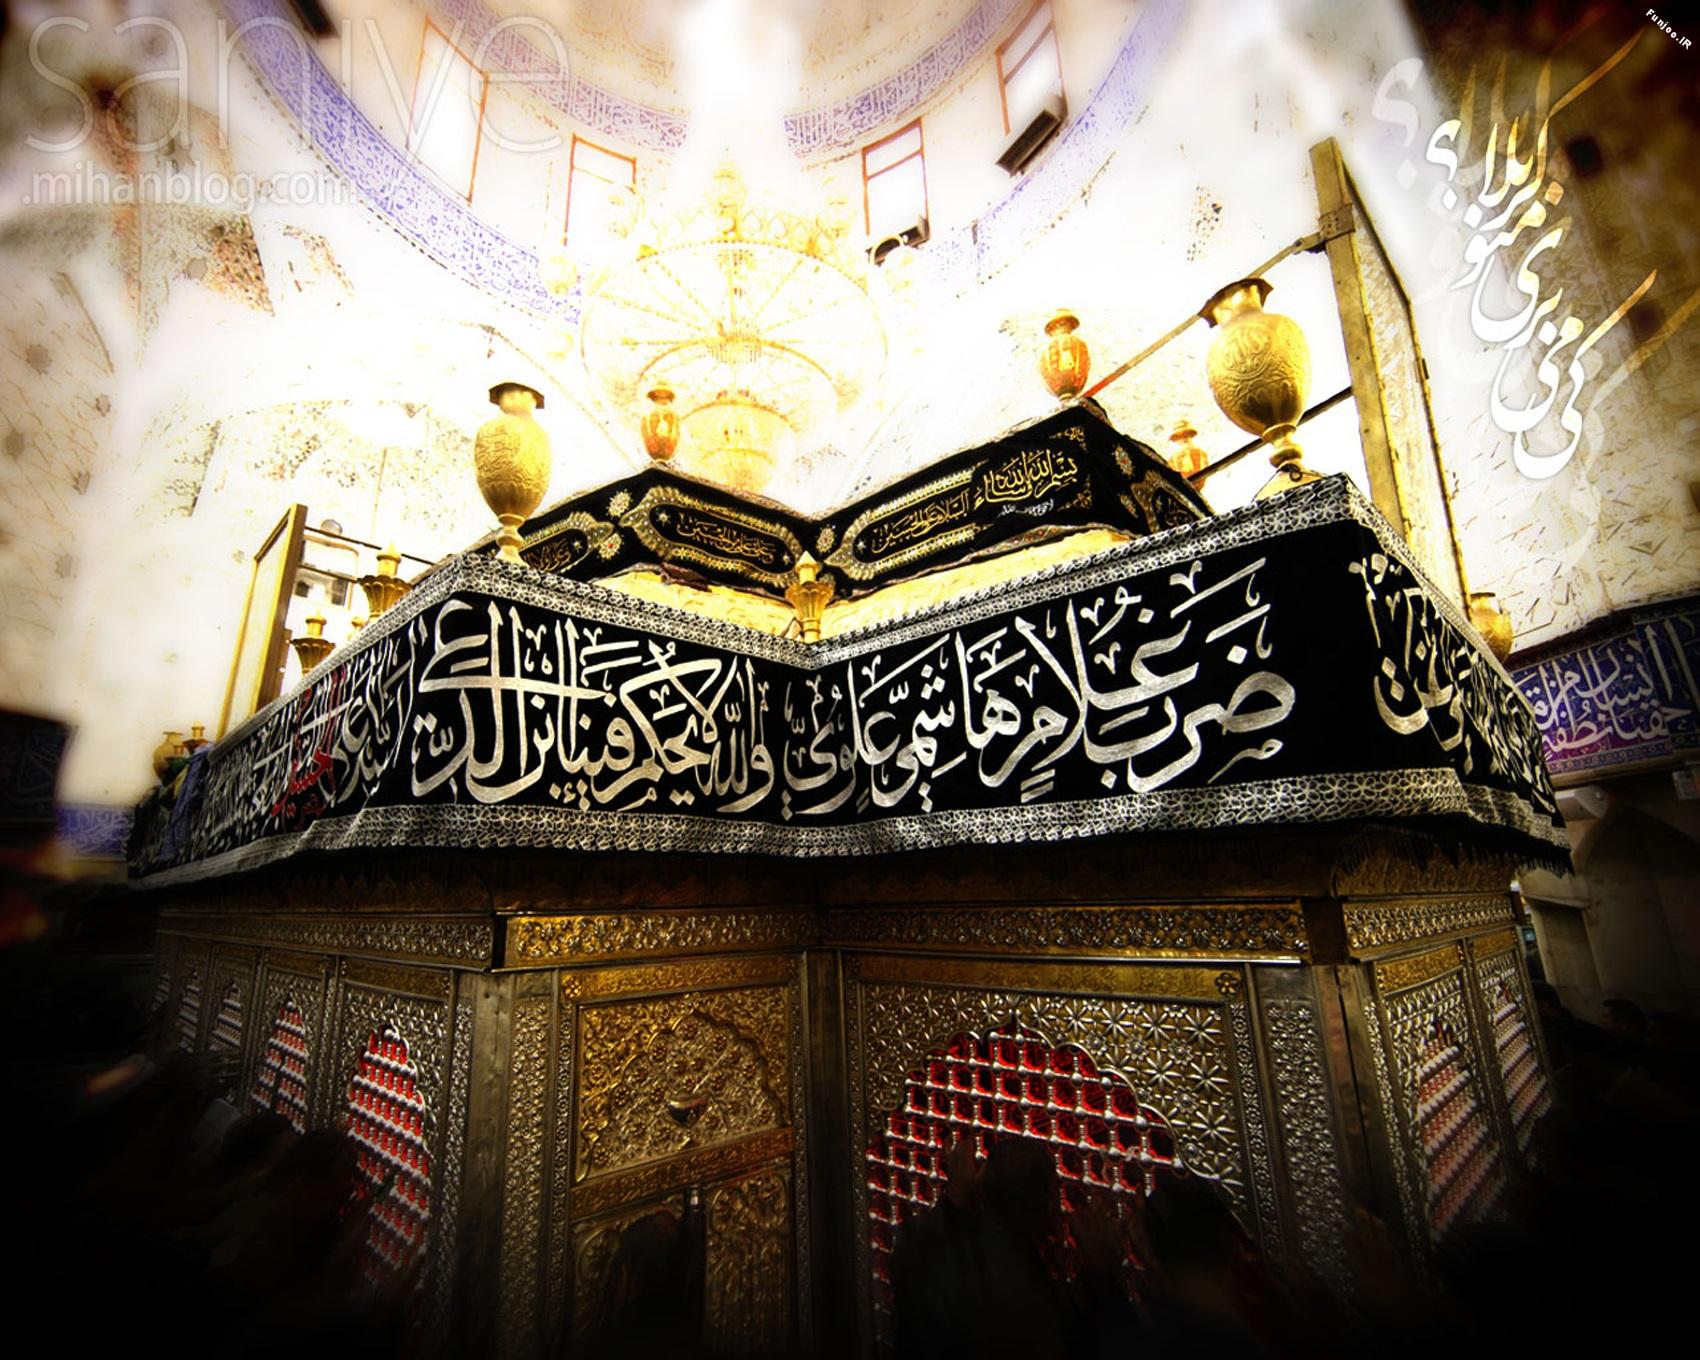 ۶۱۰ محفل قرآنی در هیئات مذهبی استان کردستان